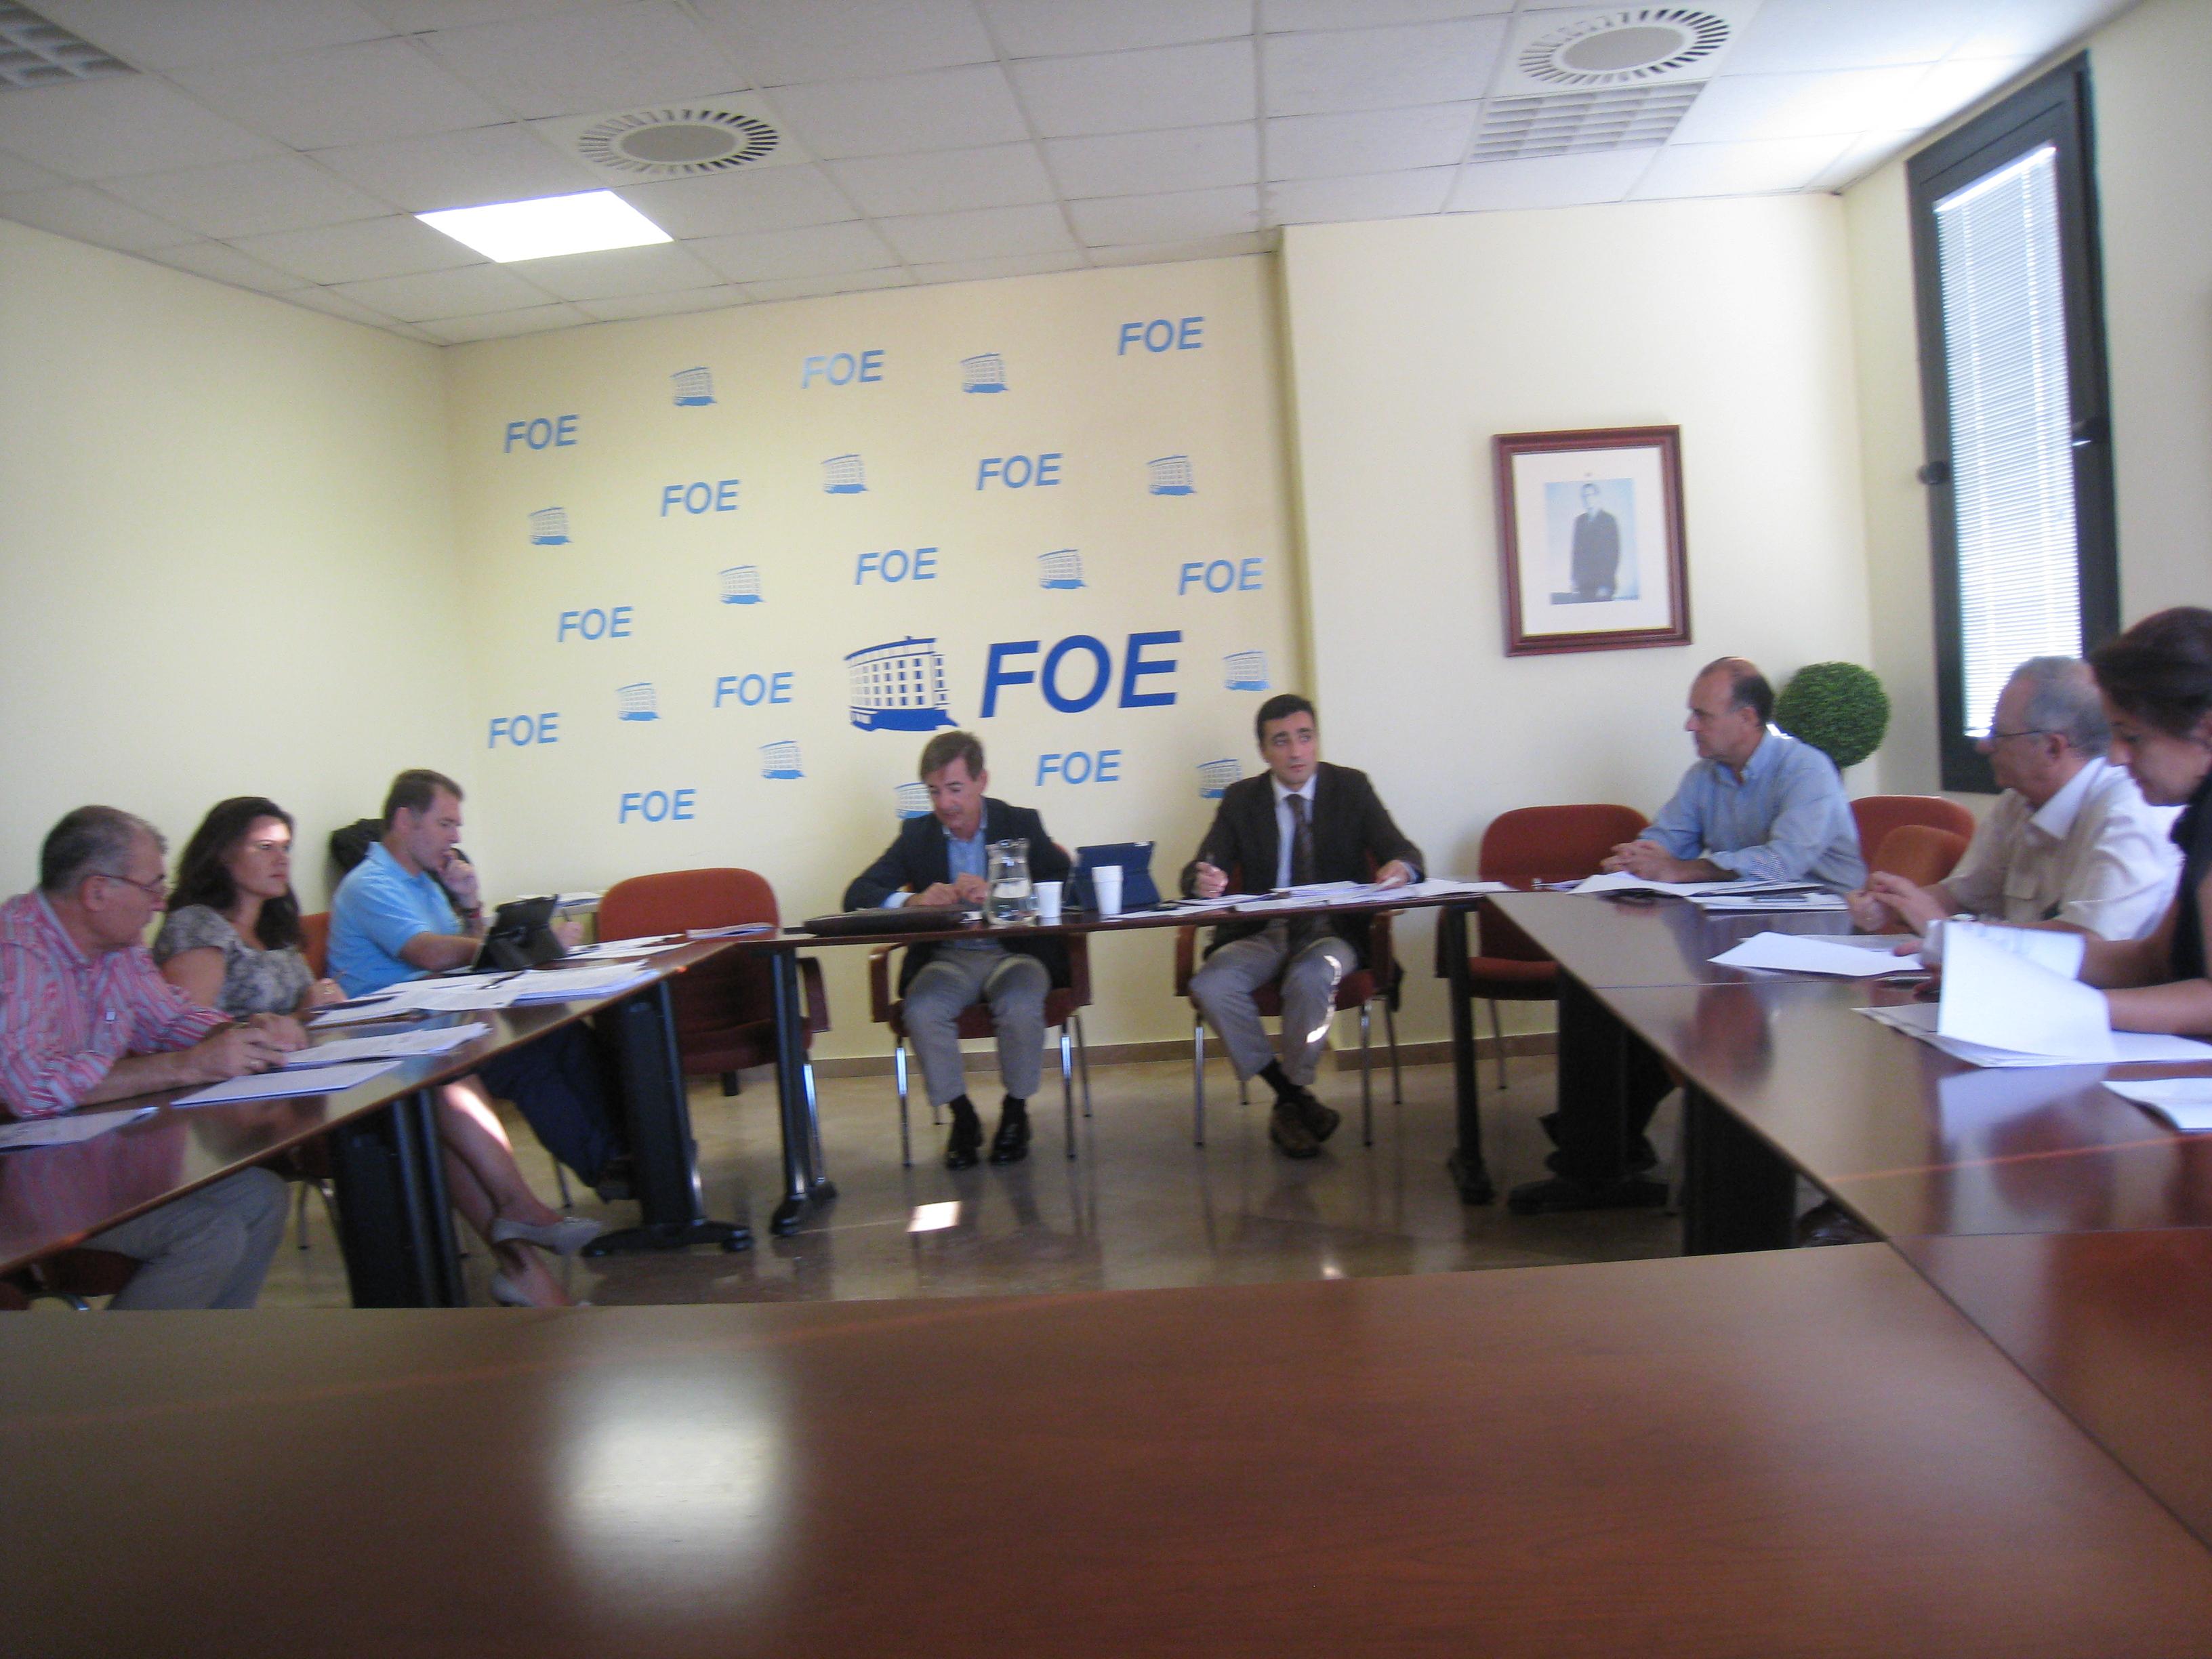 La FOE considera exiguos los Presupuestos Generales del Estado para Huelva